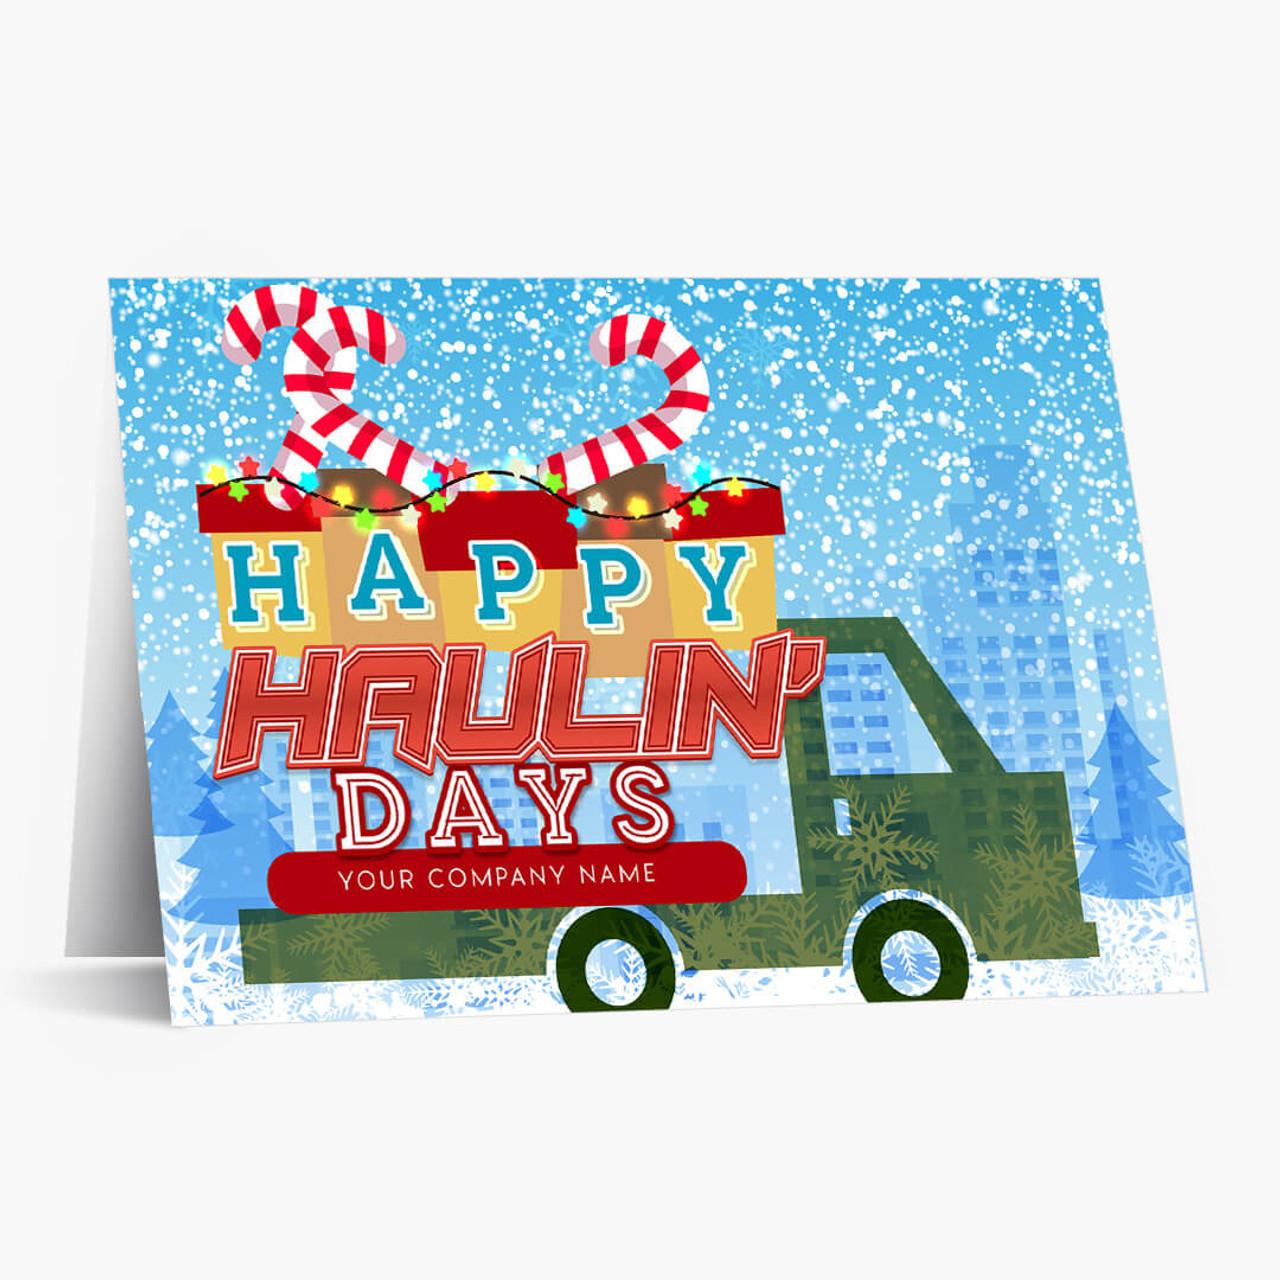 Haulin Days Christmas Card